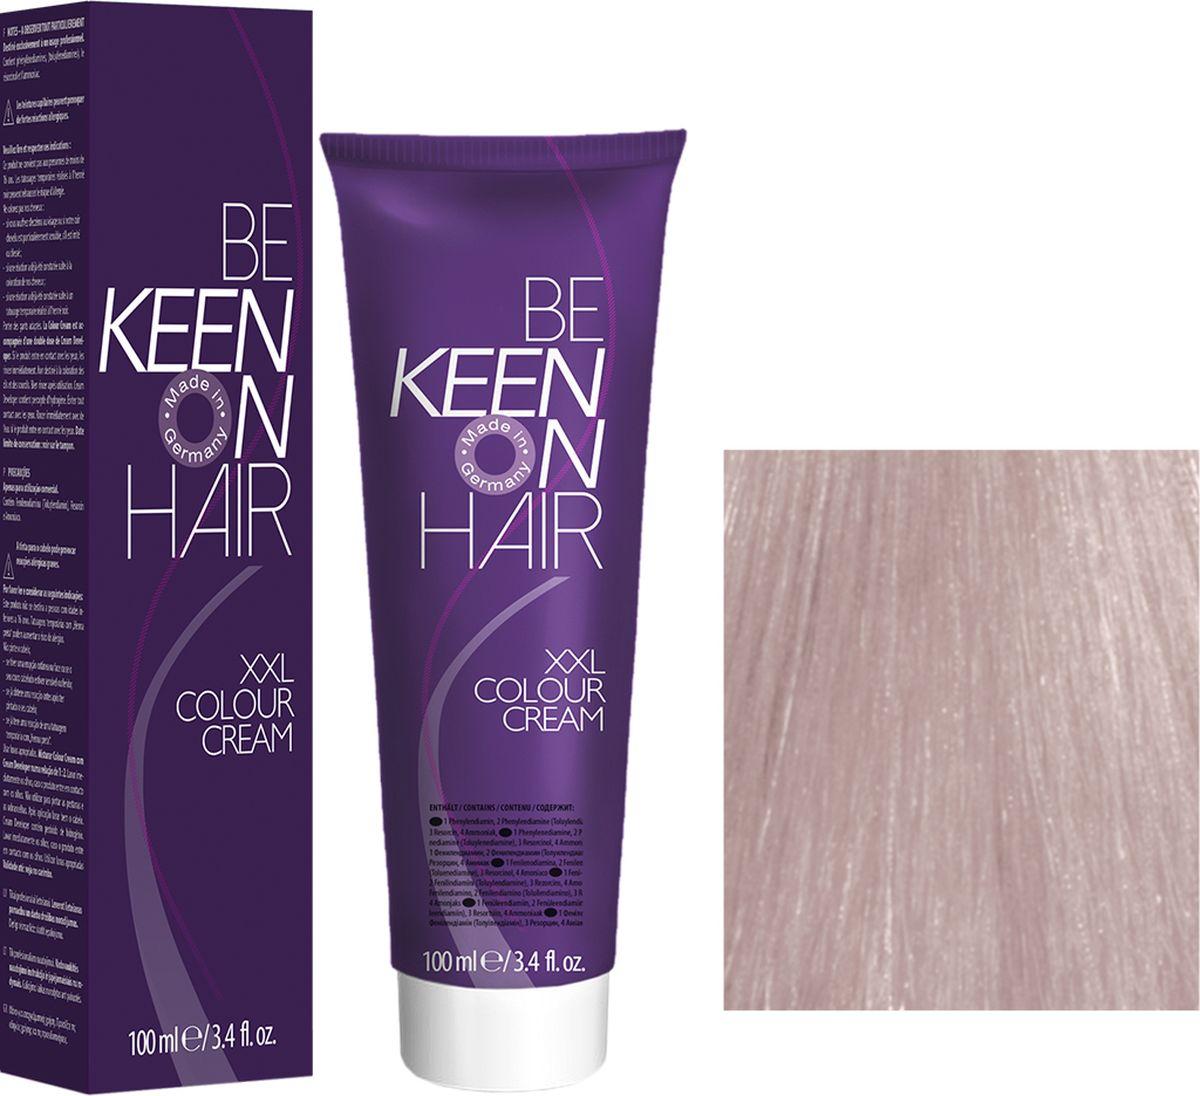 KeenКраска для волос 10. 8 Ультра-светлый жемчужный блондин Ultrahellblond Perl, 100 мл Keen